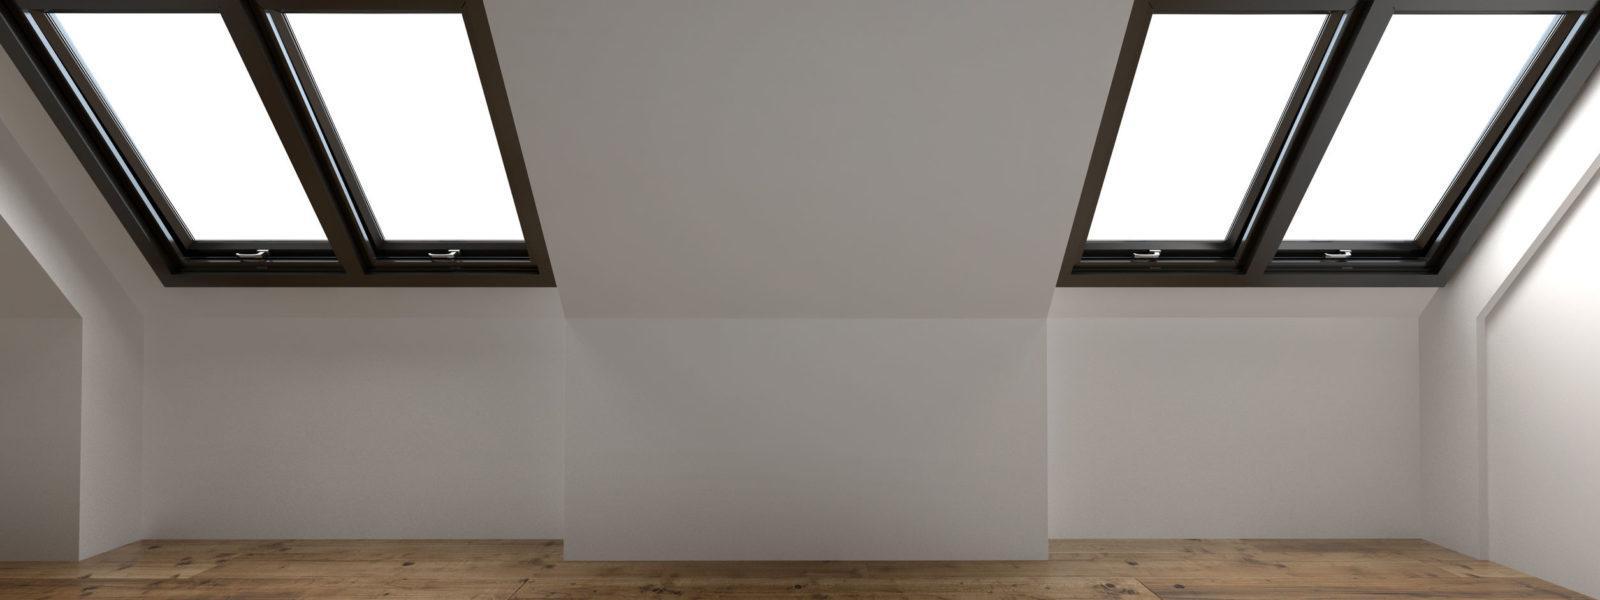 Bett Unter Dachschräge Stellen